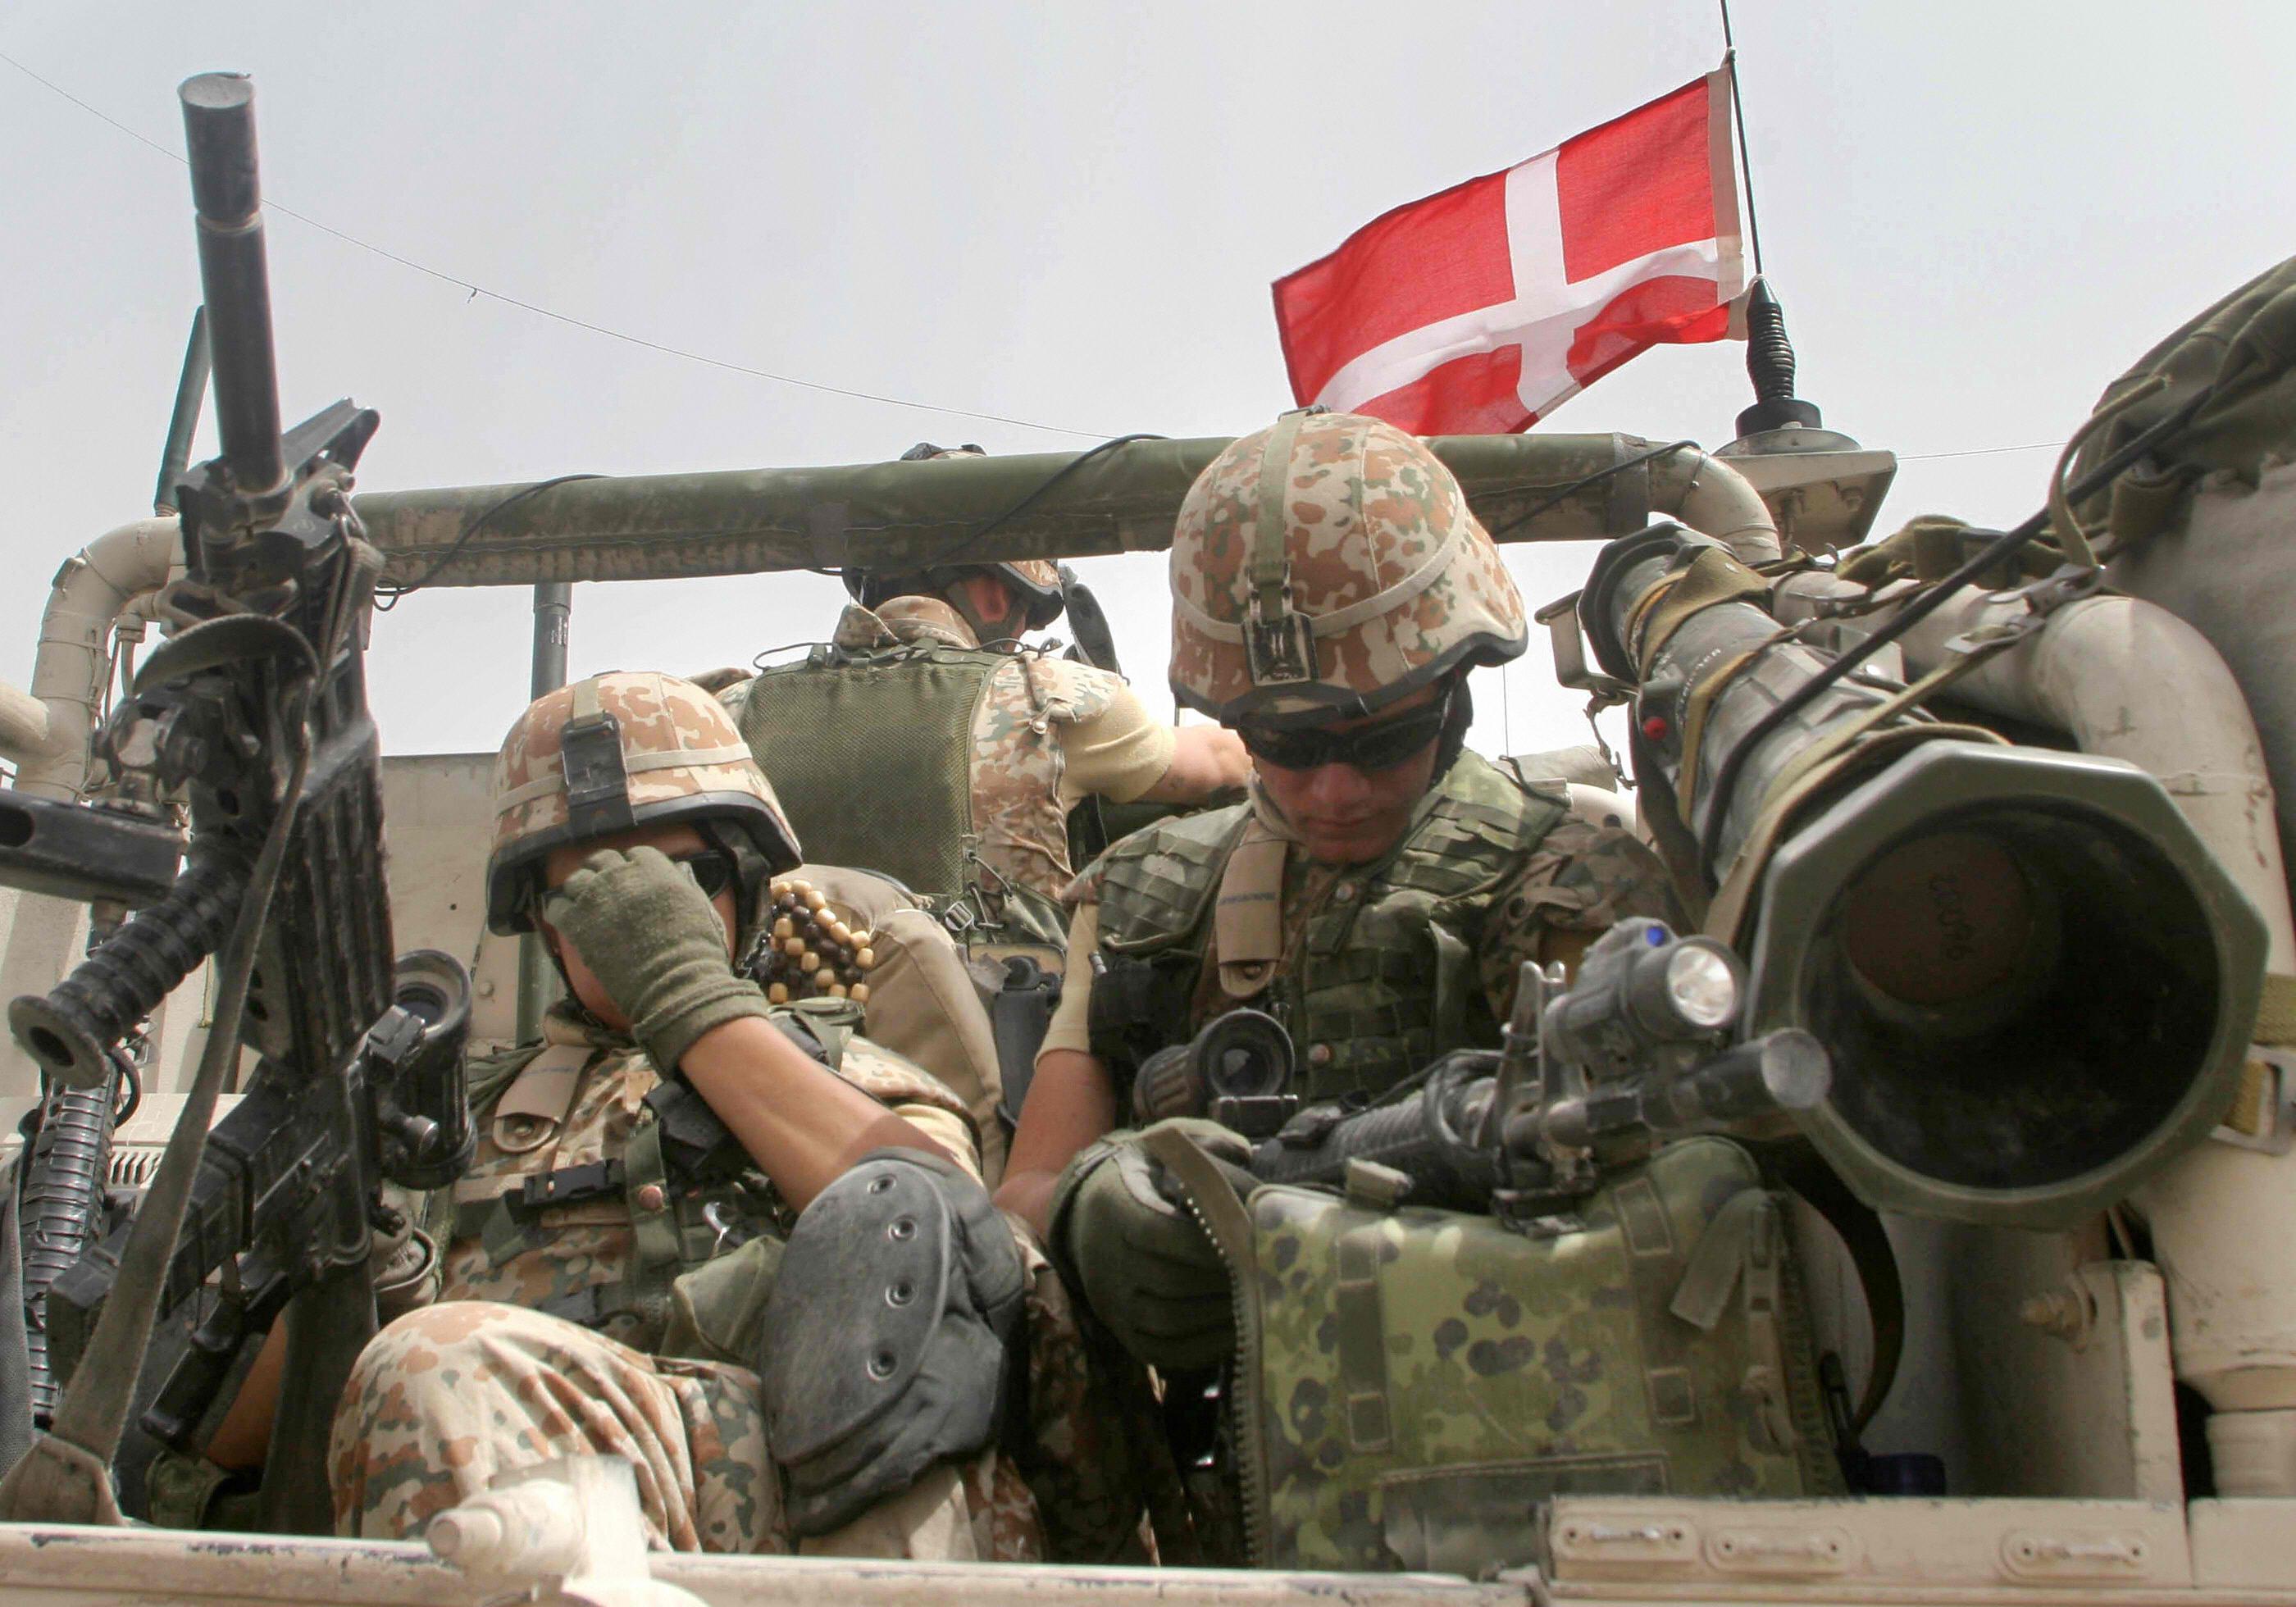 635968402540162271-denmark-military-iraqjpg.jpg